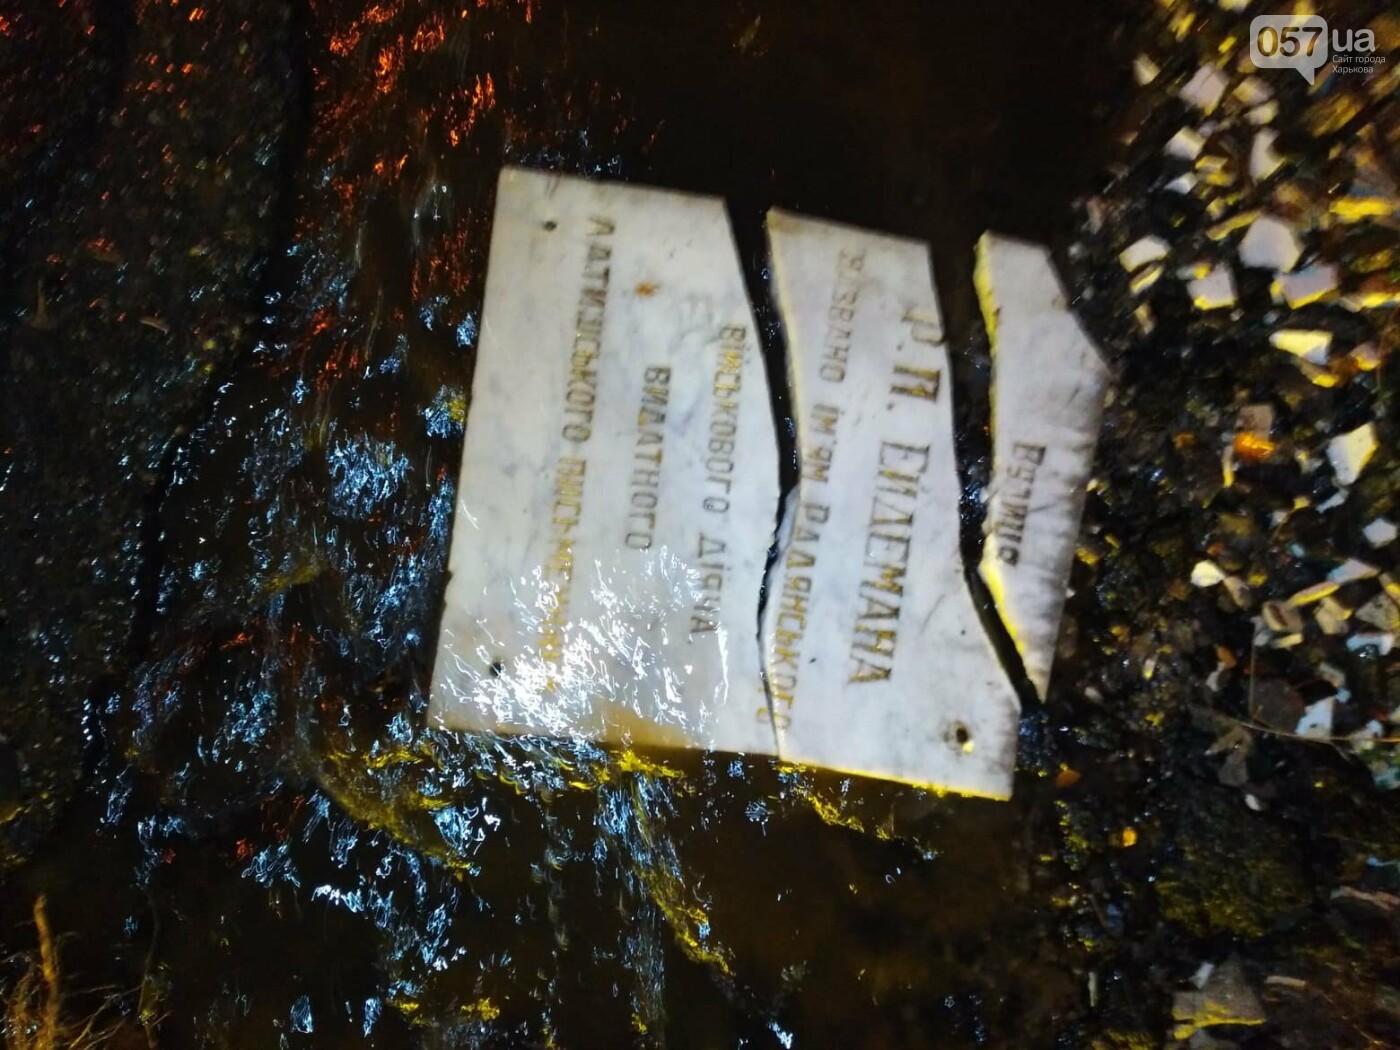 В Харькове активисты уничтожили мемориальную доску организатору карательных экспедиций СССР, - ФОТО, фото-2